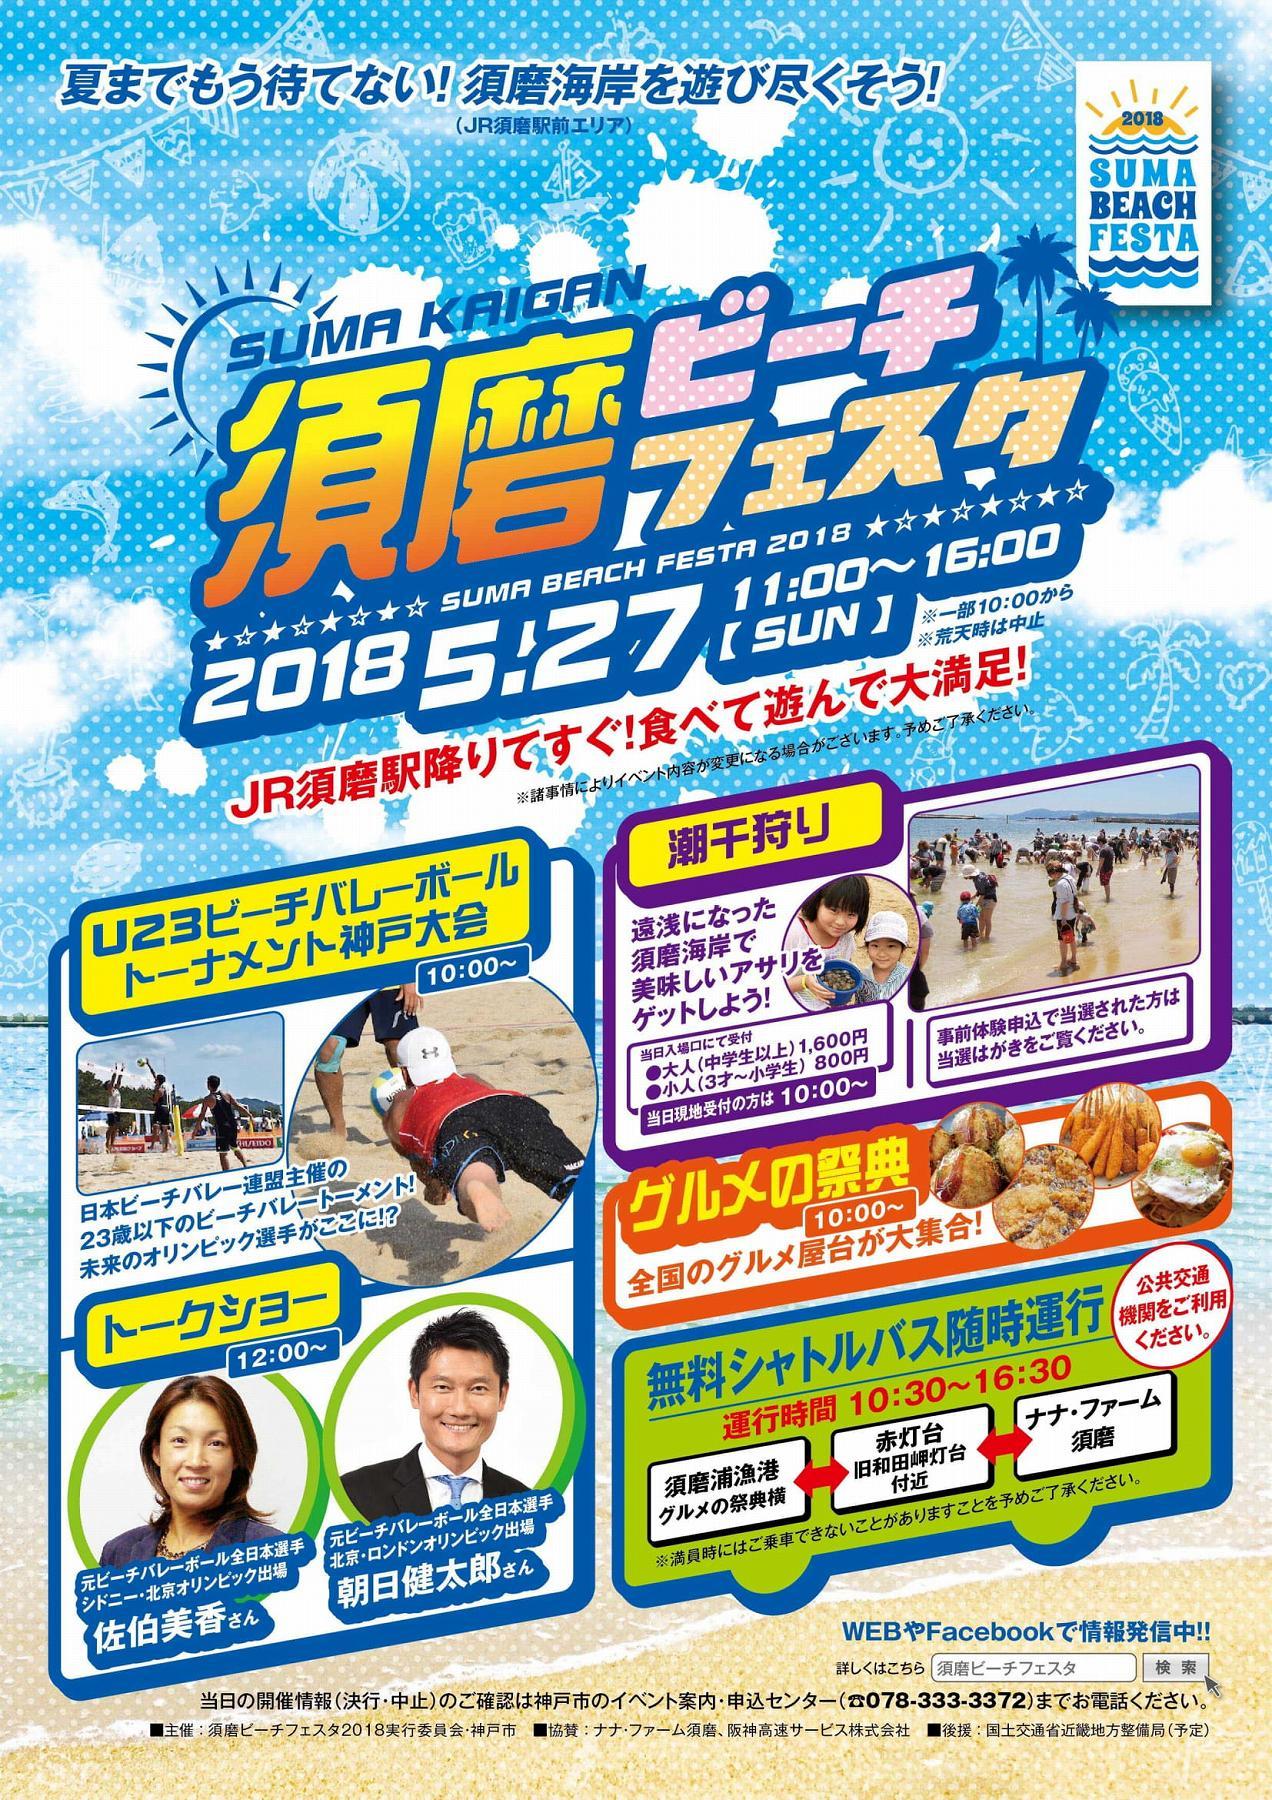 須磨海岸で5/27「須磨ビーチフェスタ」が開催されるよ! #須磨海岸 #須磨ビーチフェスタ #須磨区